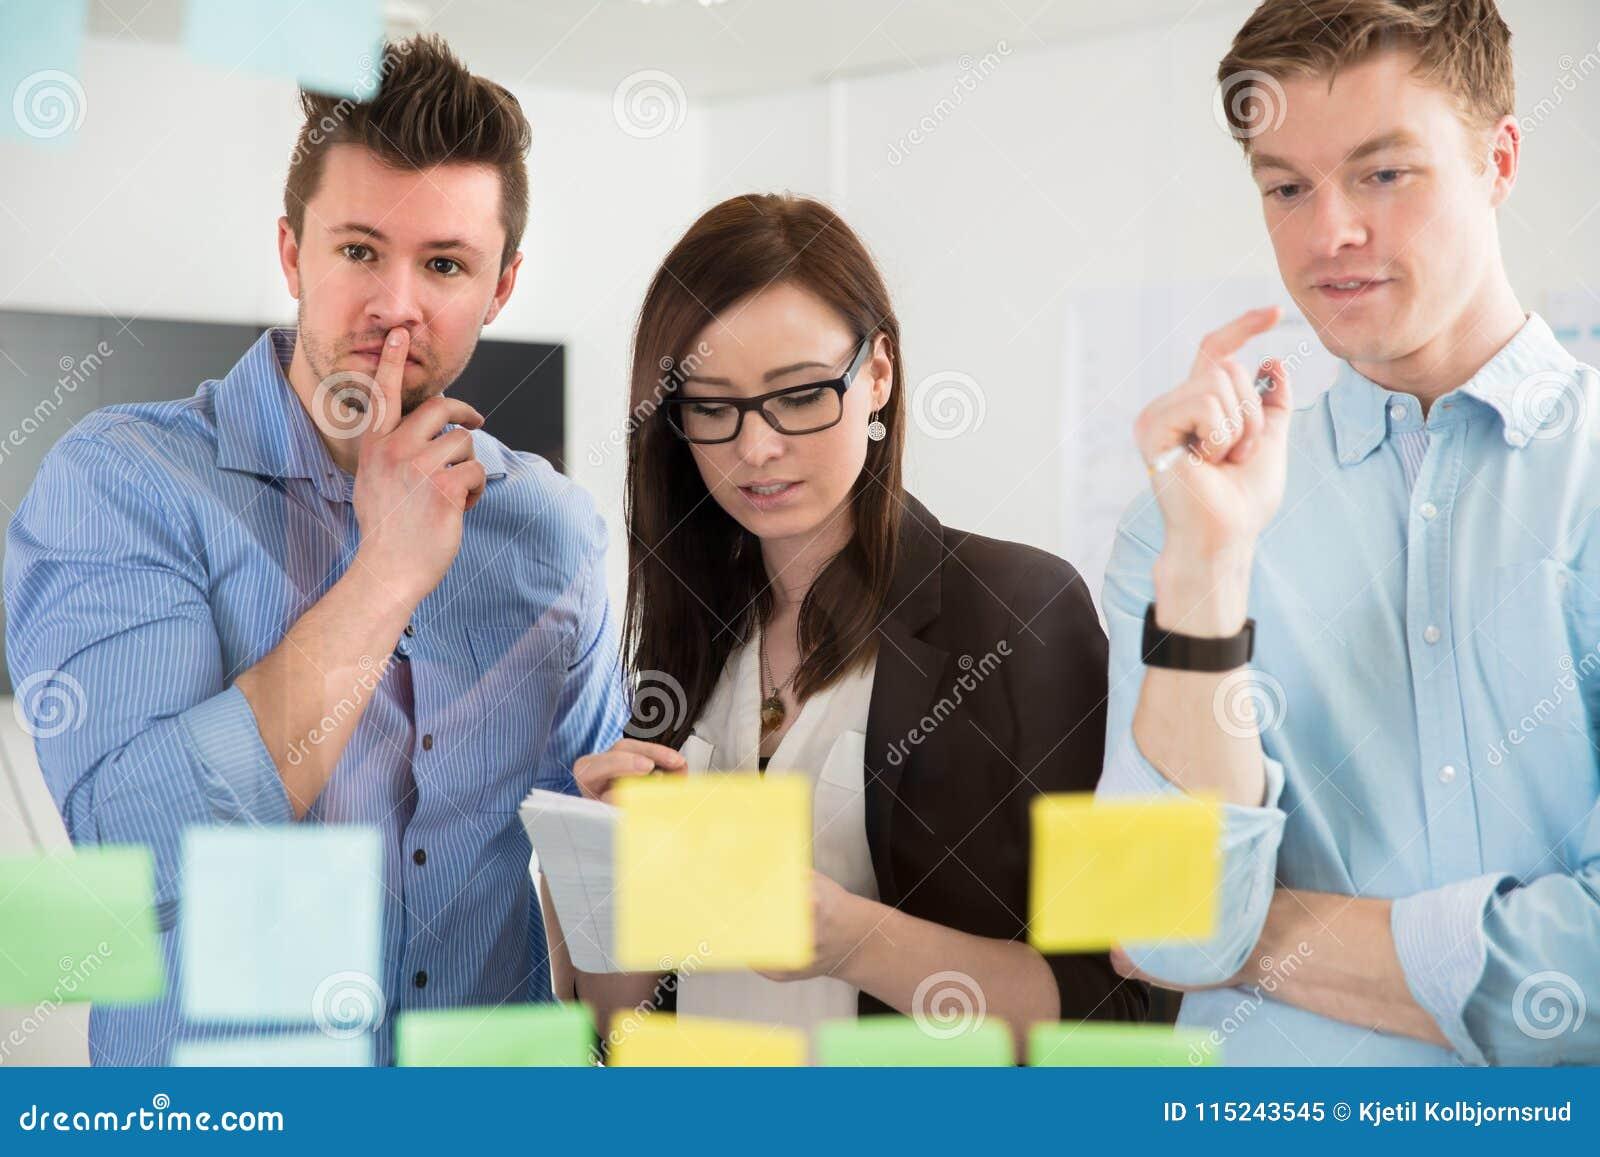 Profesjonaliści Planuje strategie Na Adhezyjnych notatkach W biurze